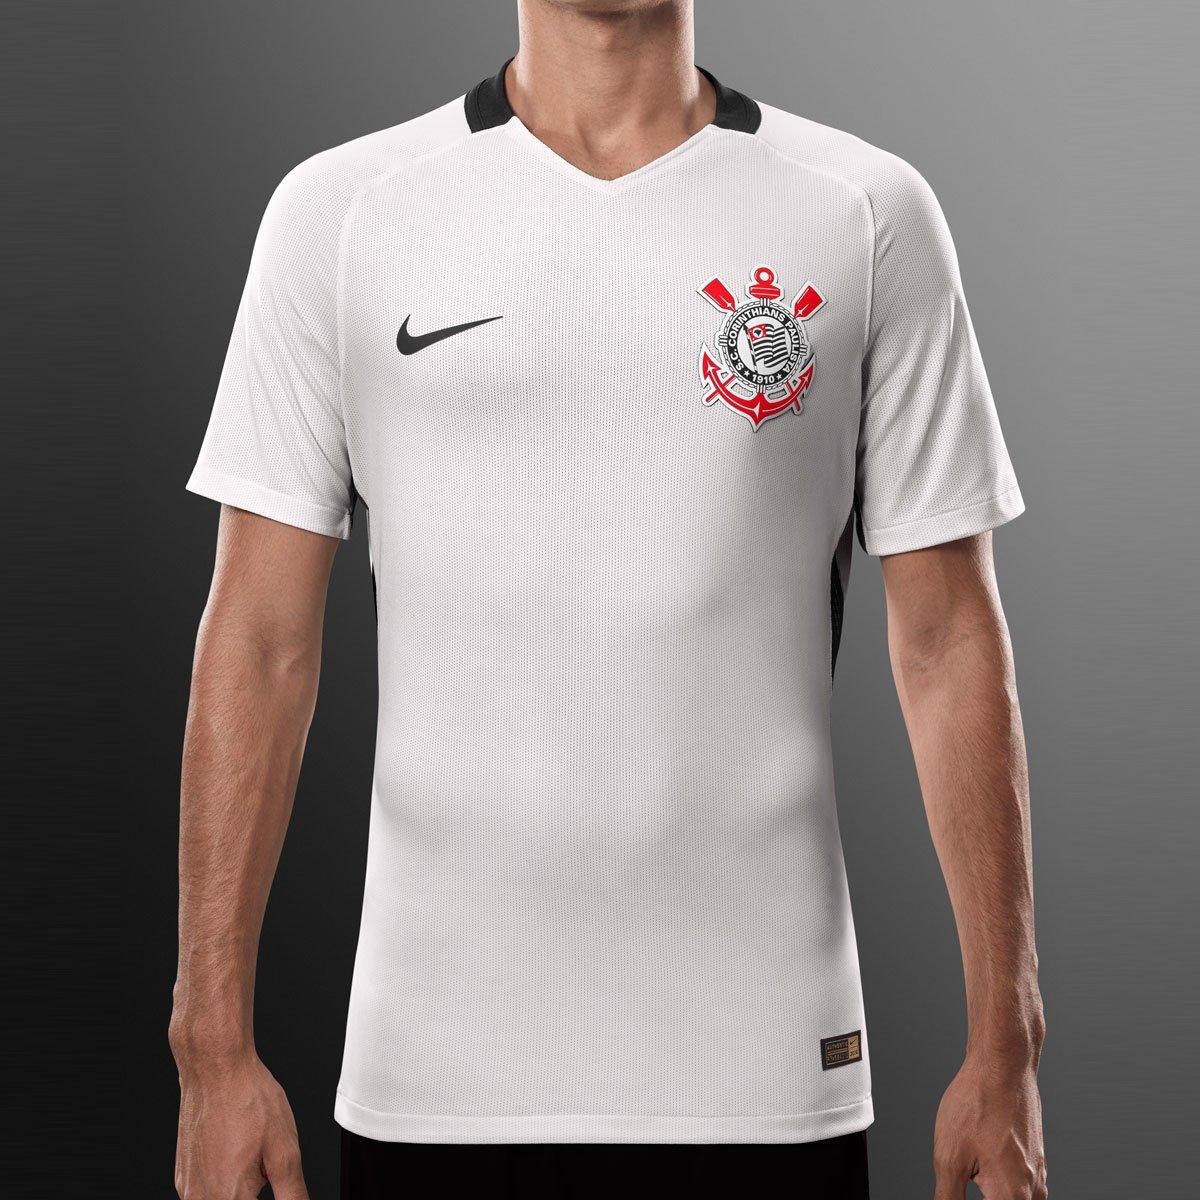 Camisa Corinthians I 2016 s nº - Jogador Nike Masculina - Compre Agora  da5167e19a9dc